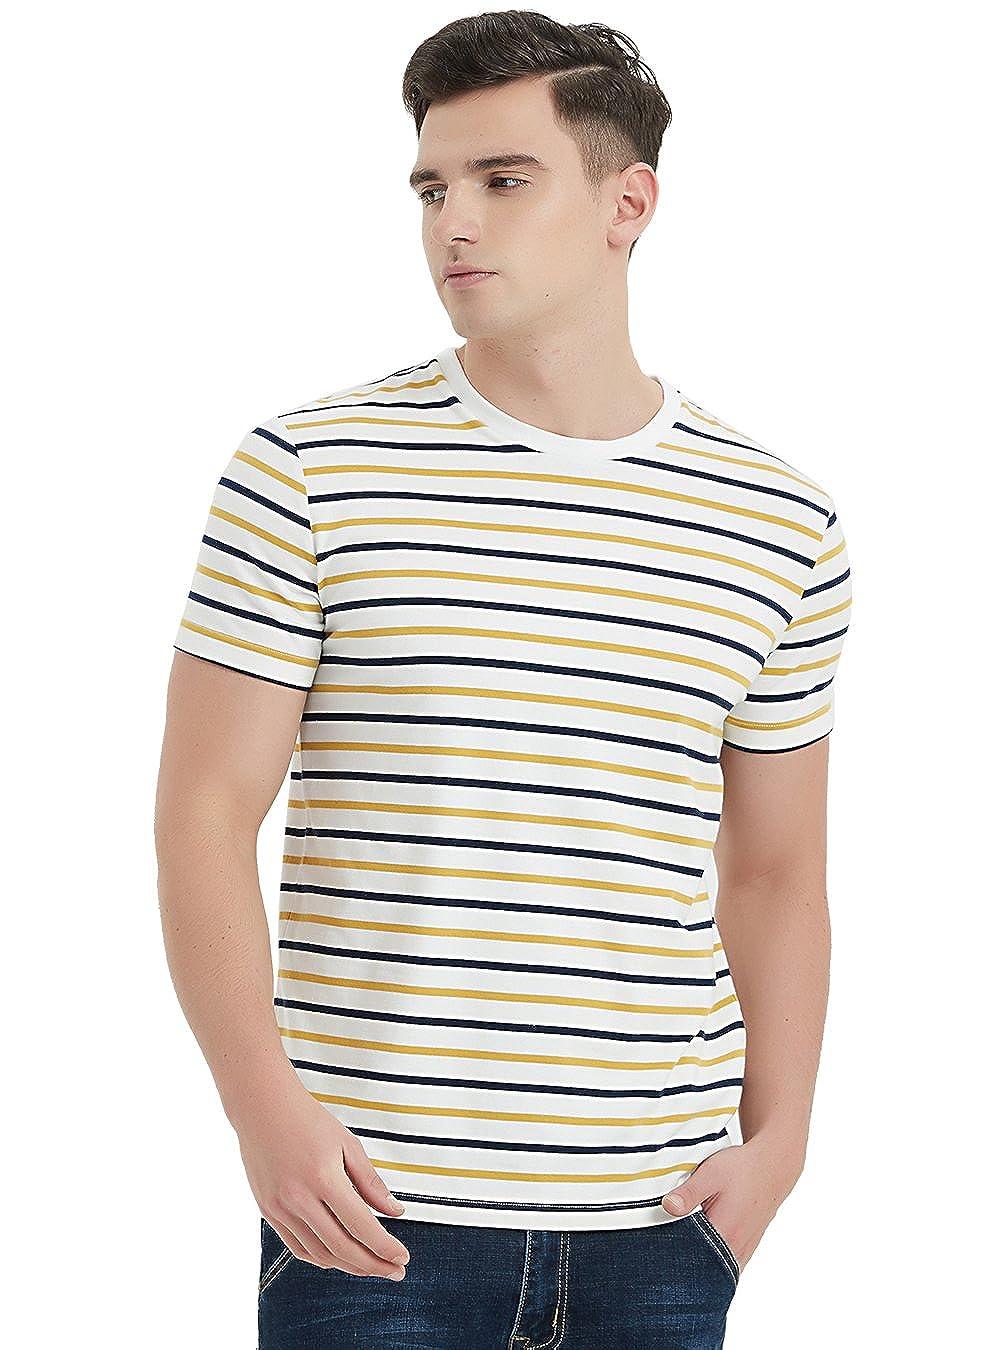 Navy & Yellow Stripes